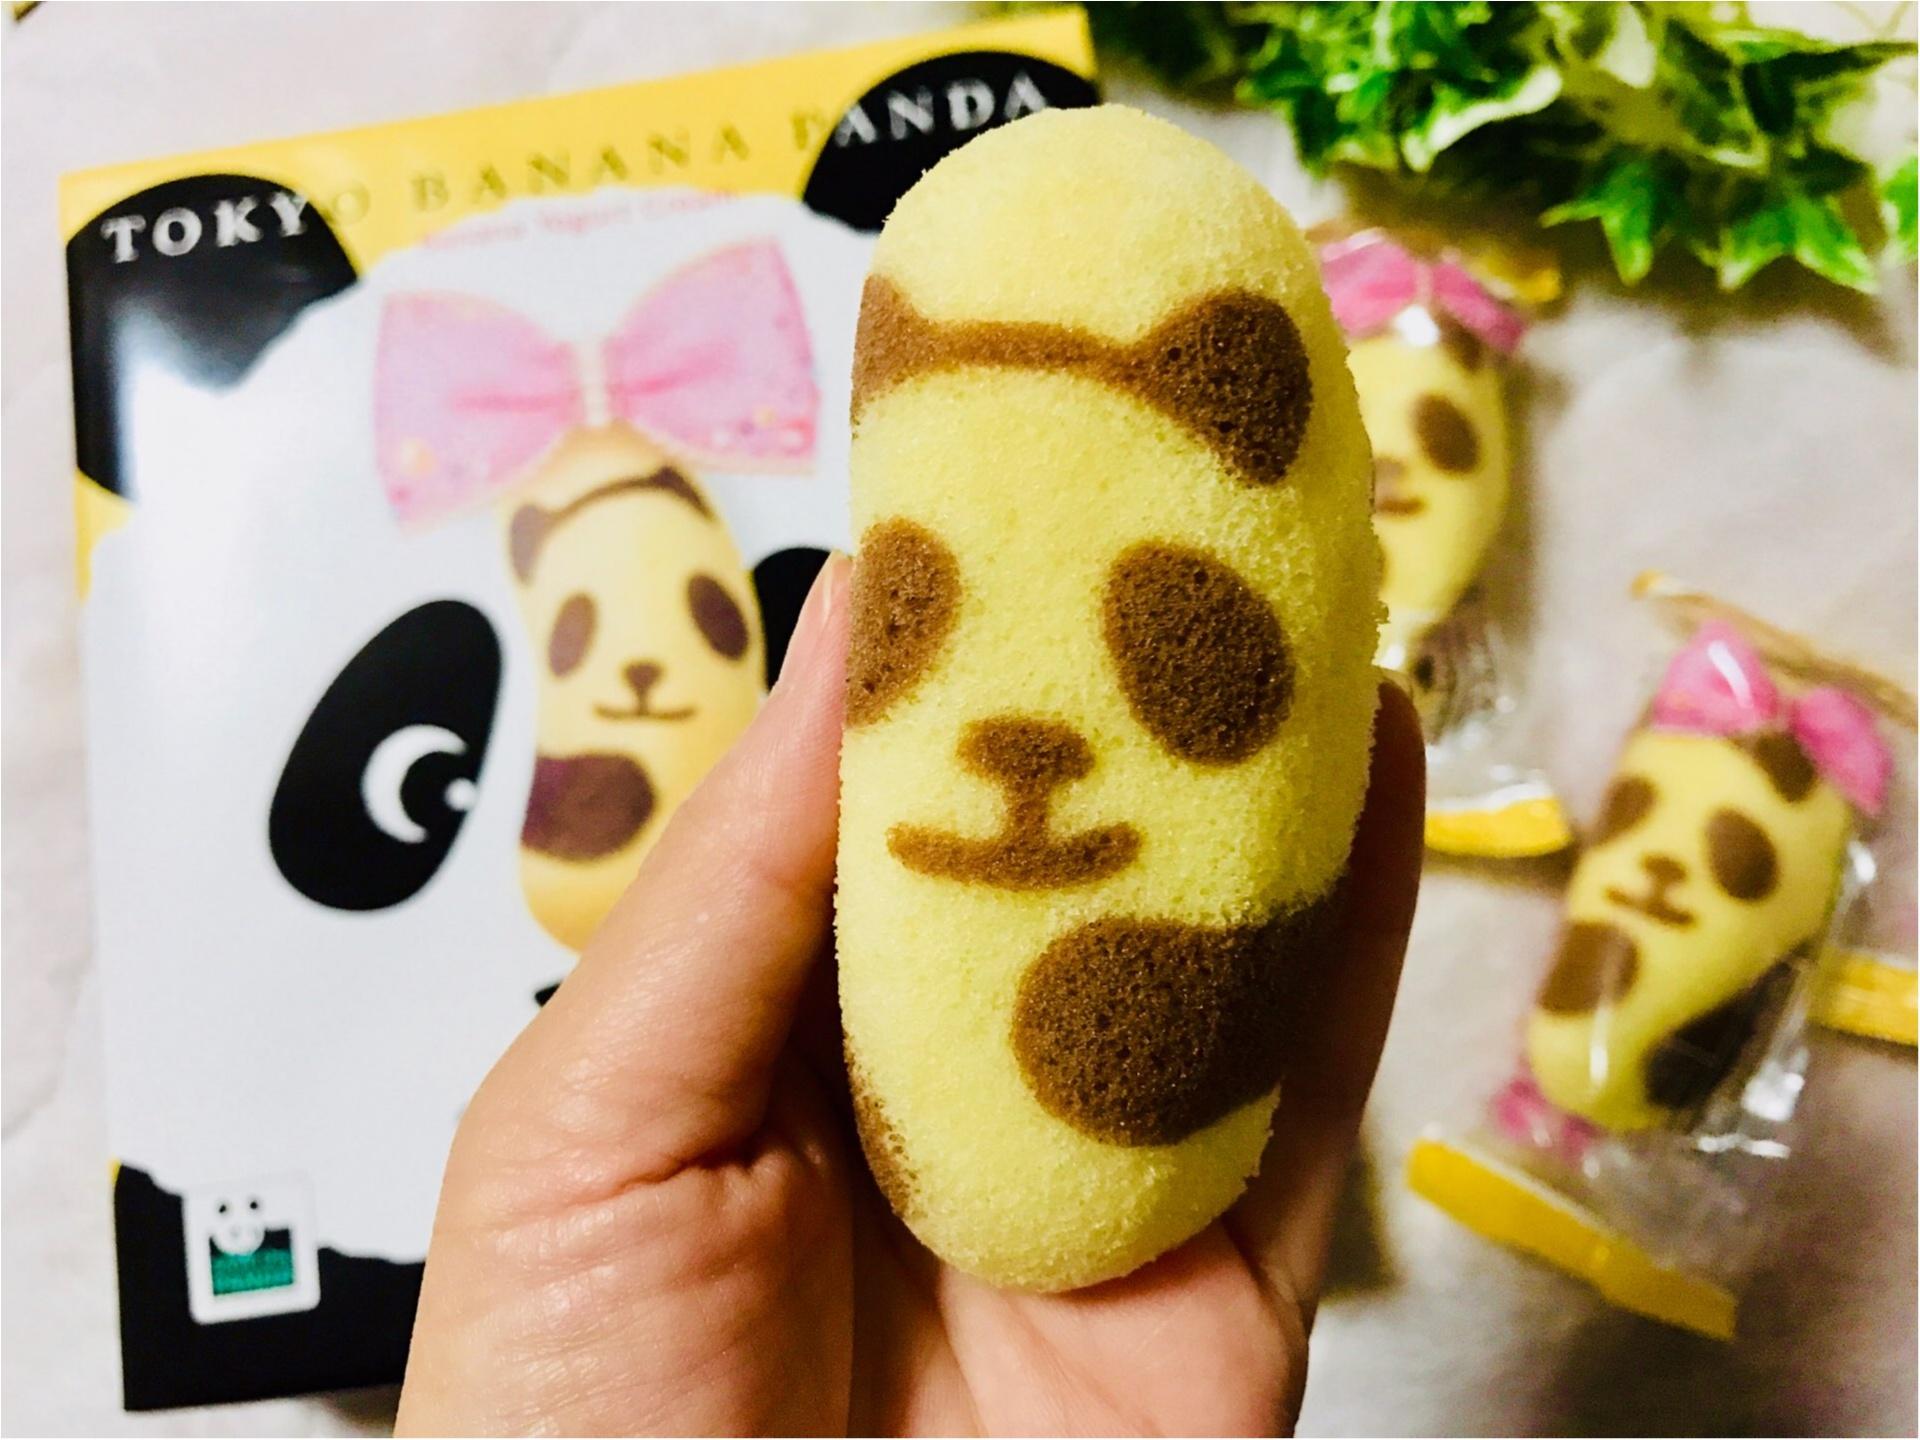 【帰省みやげ】ついにGWスタート!東京土産のド定番《東京ばな奈》❤︎まさかのシャンシャンとコラボ!?かわいいパンダに変身しちゃいました♡♡_4